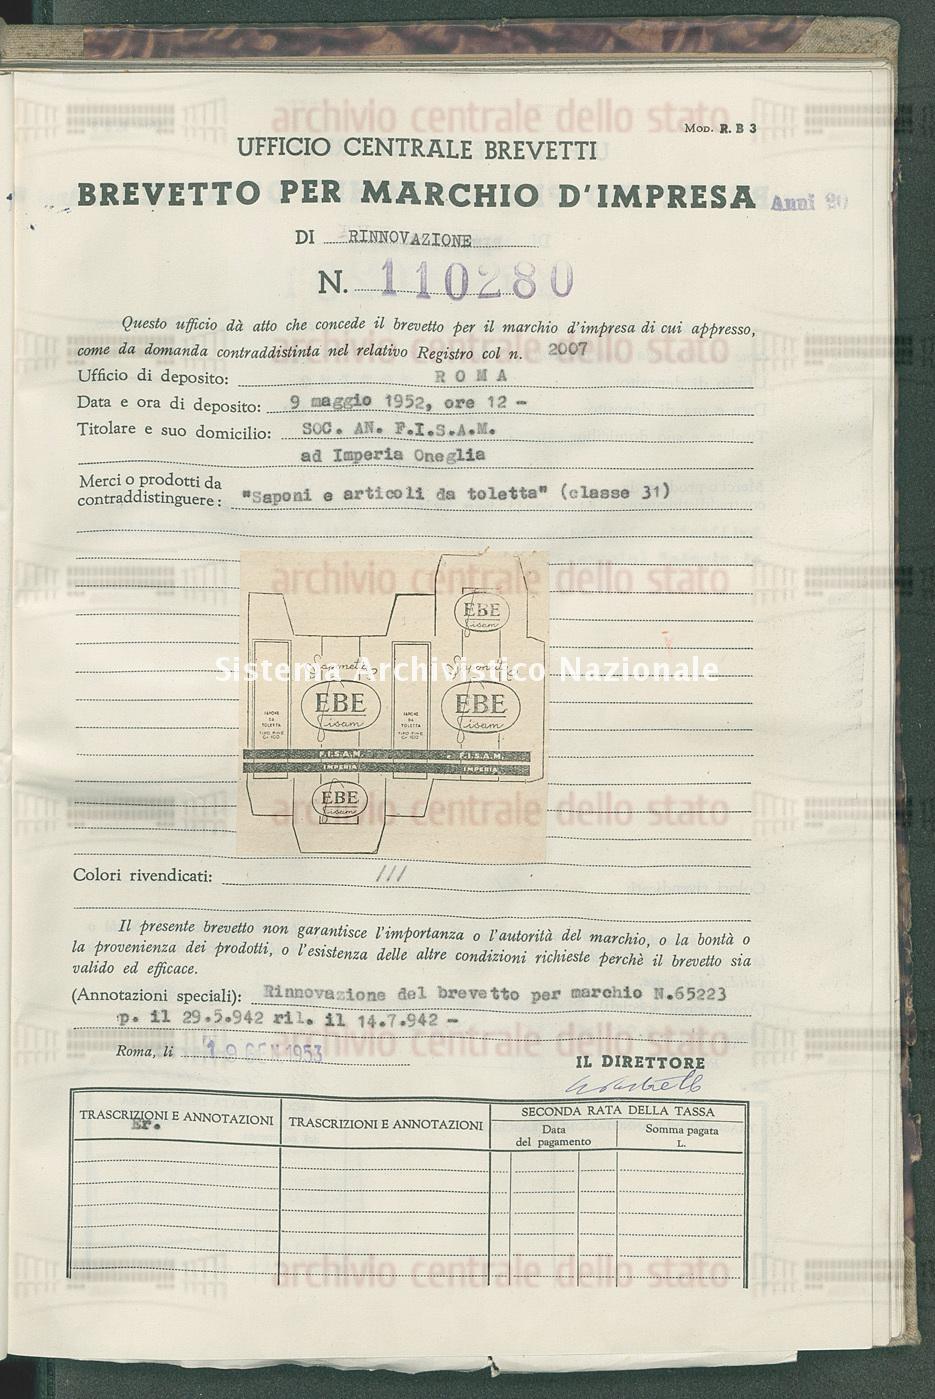 'Saponi e articoli da toletta' Soc.An. F.I.S.A.M. (19/01/1953)